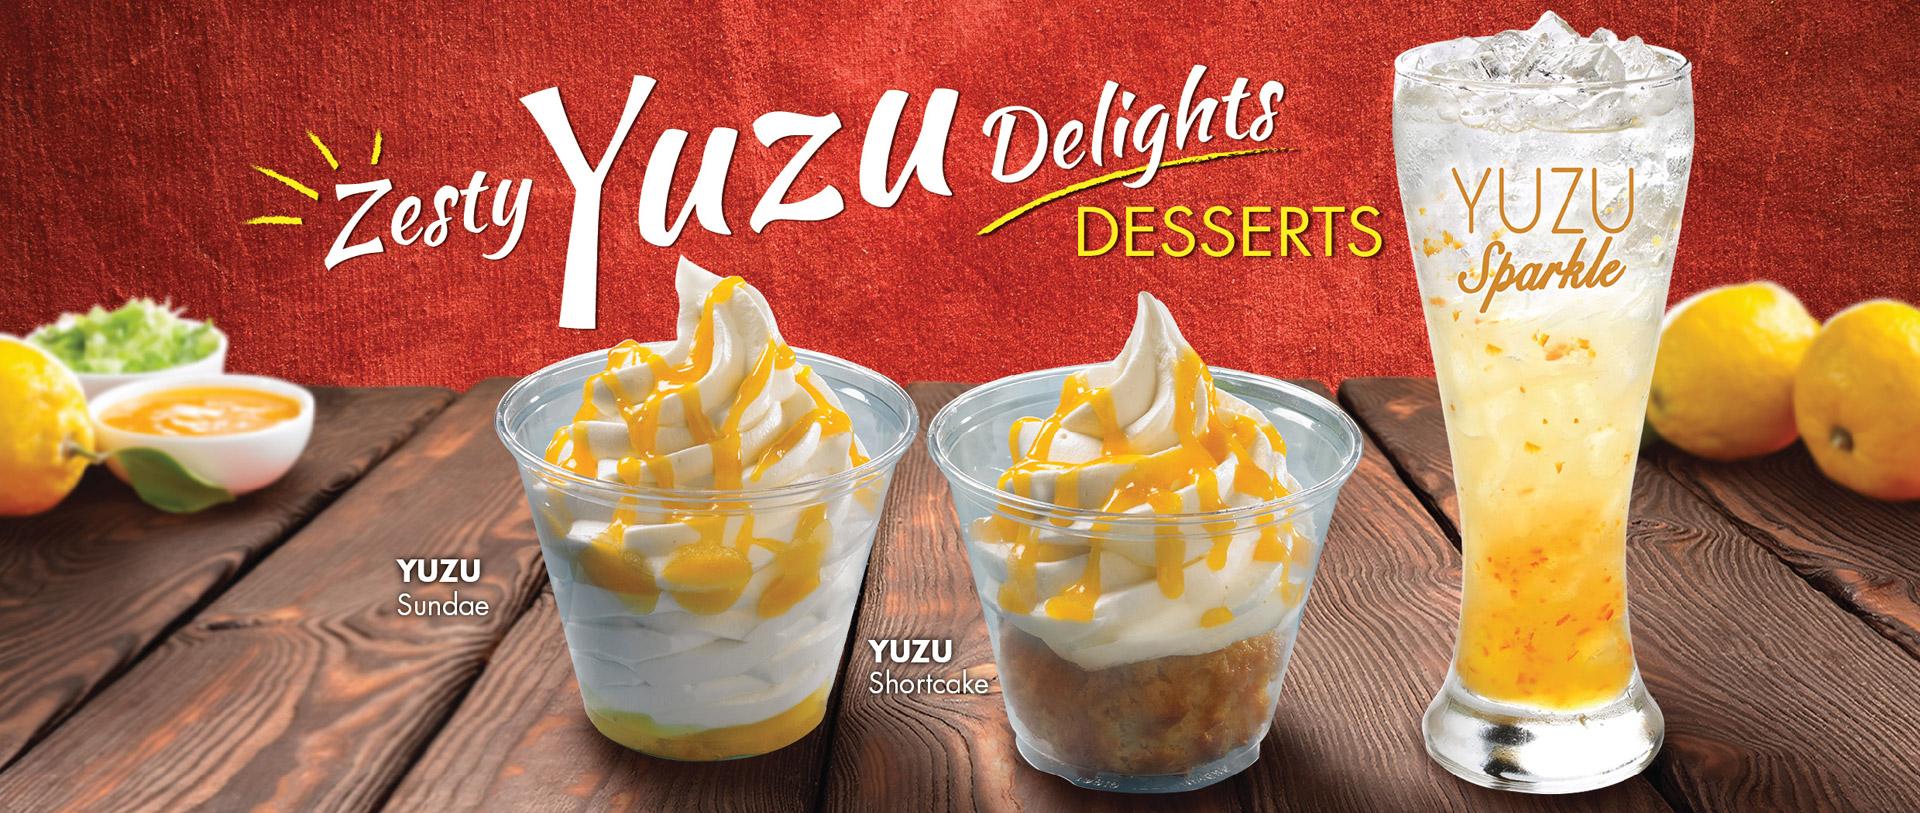 Texas Chicken Promotions: Zesty Yuzu Delights Desserts. Yuzu Sundae, Yuzu Shortcake, Yuzu Sparkle